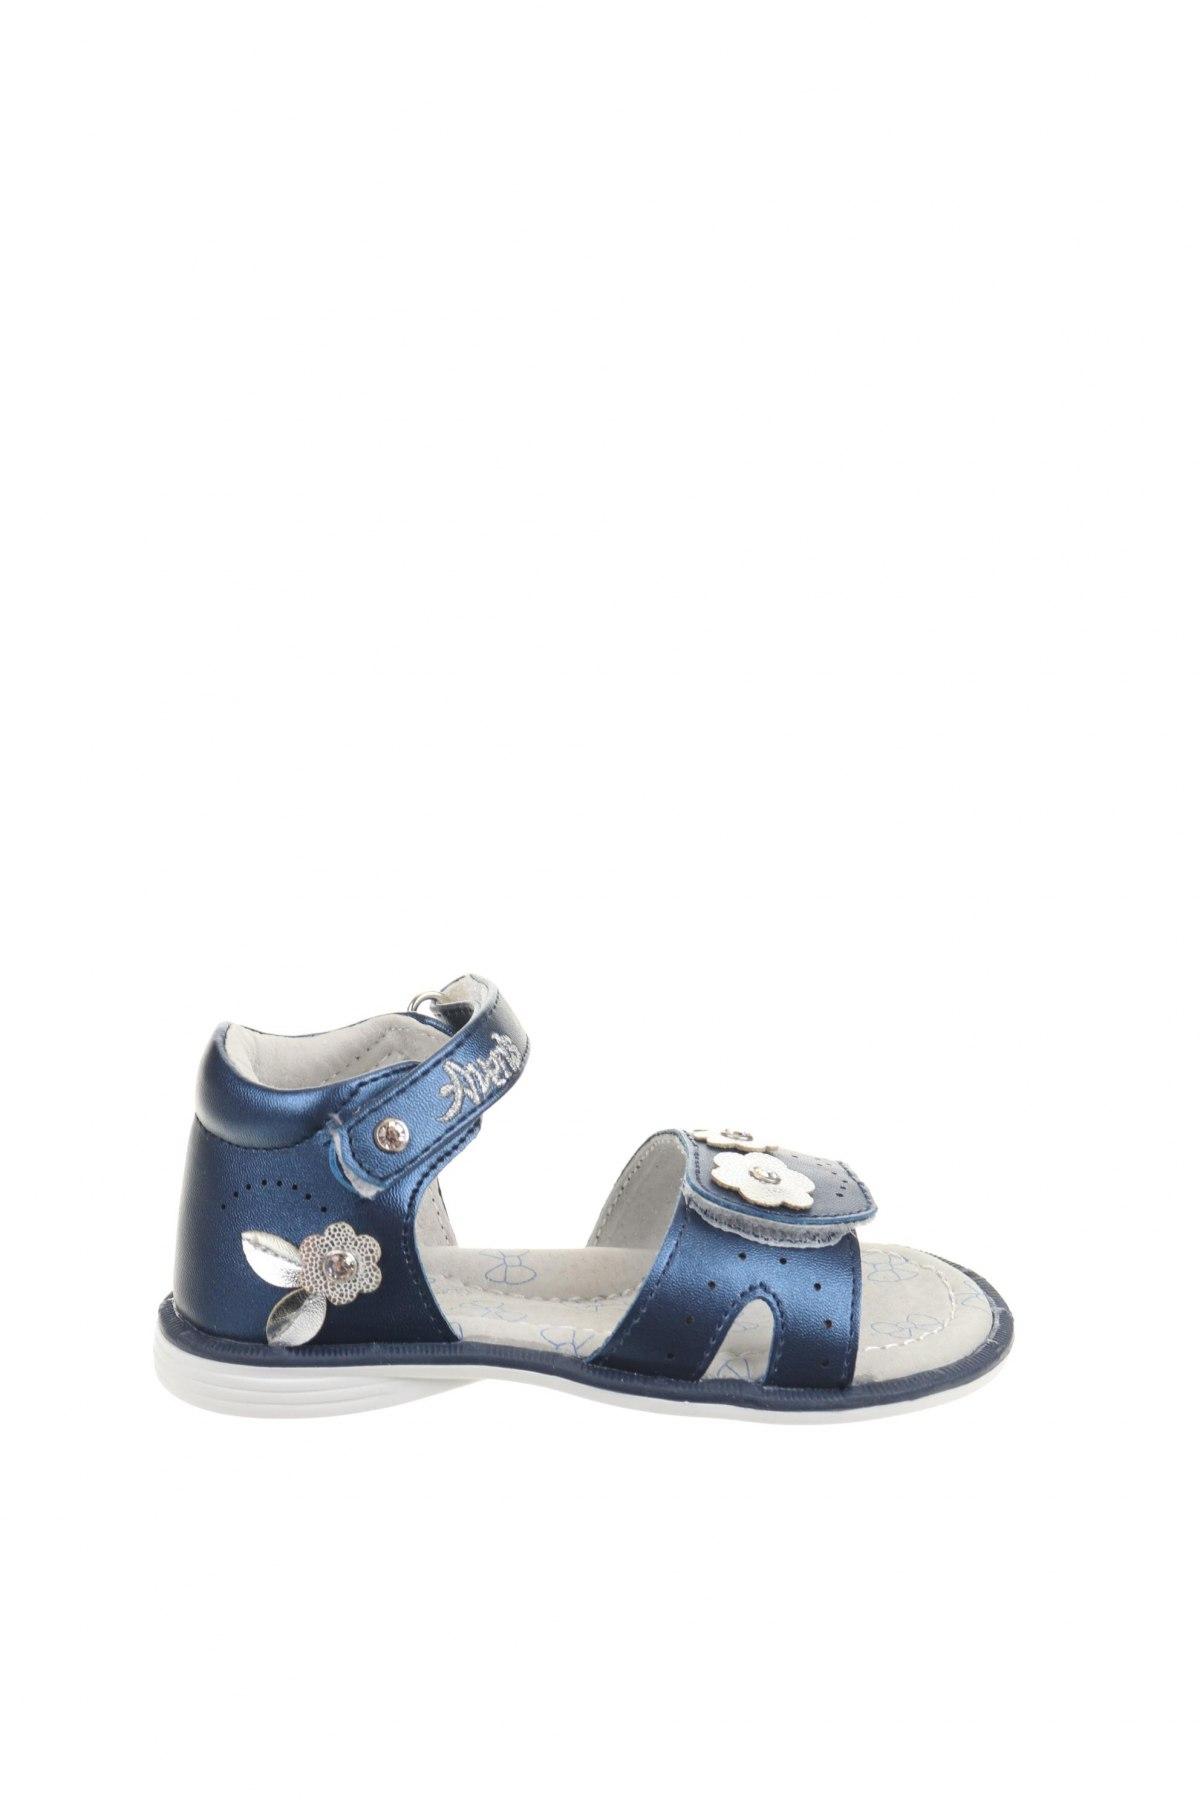 Παιδικά σανδάλια Balducci, Μέγεθος 21, Χρώμα Μπλέ, Δερματίνη, Τιμή 16,89€